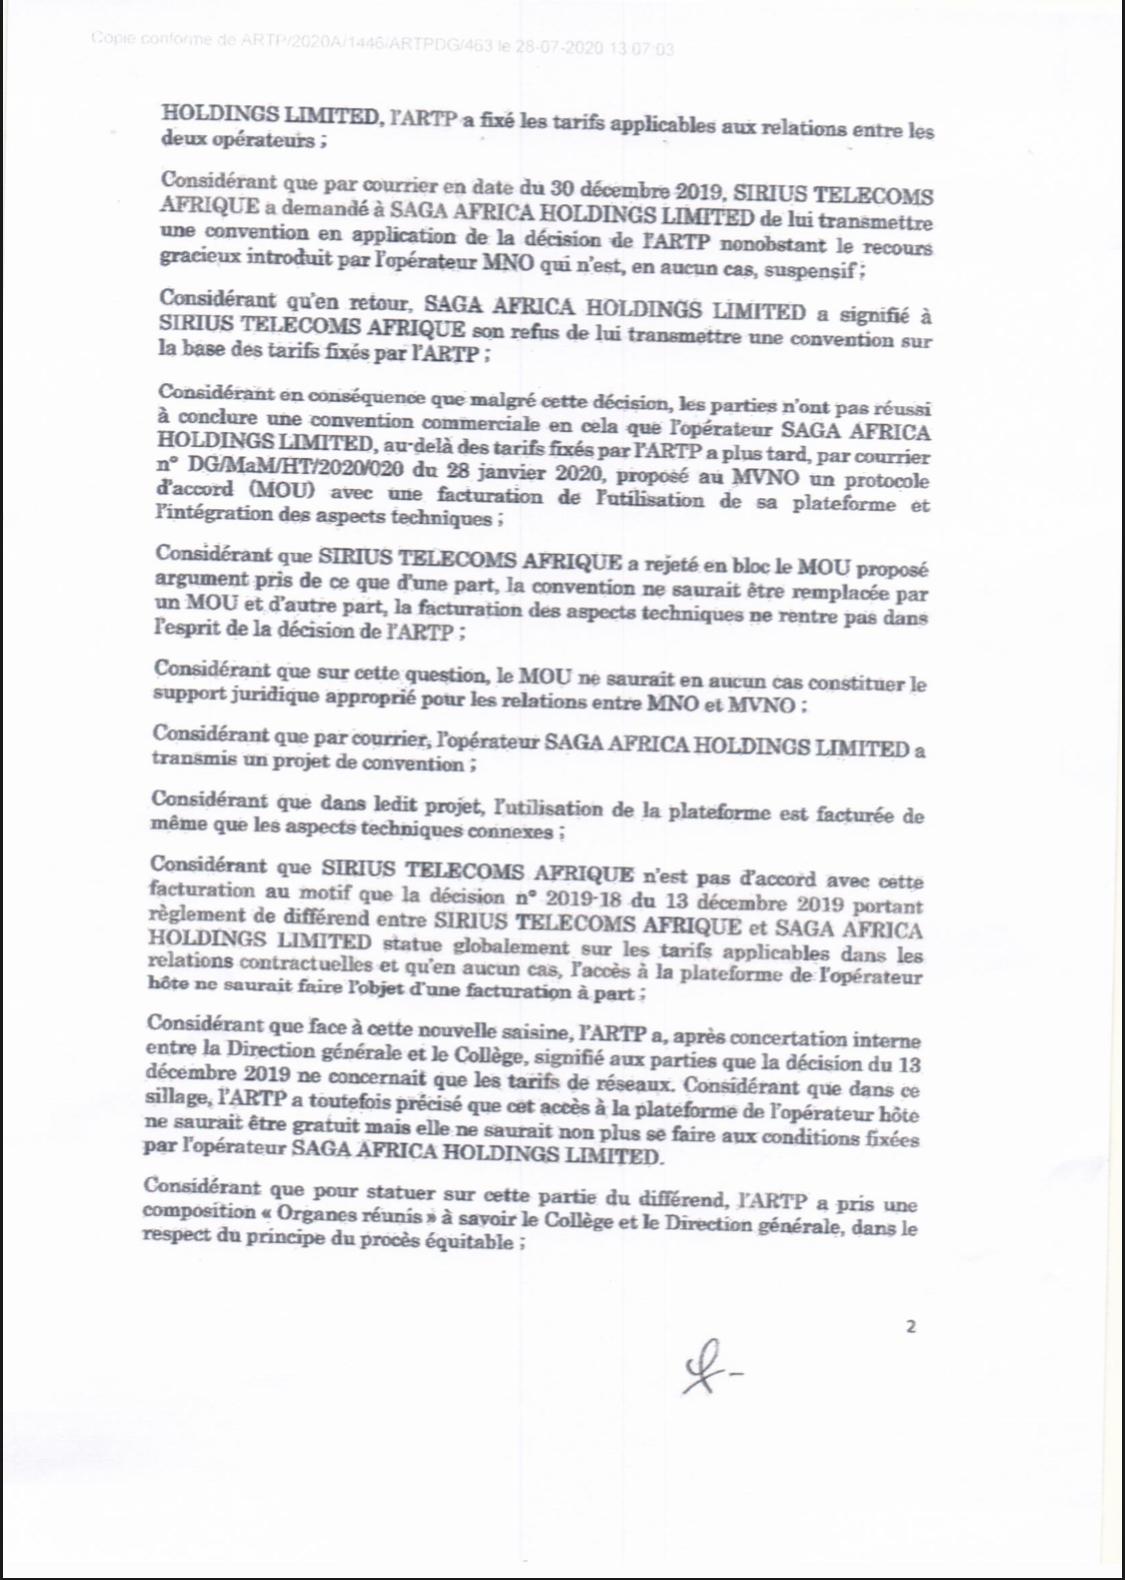 L'ARTP inflige à l'opérateur Saga africa Holding Limited une astreinte de 2% sur son chiffre d'affaires journalier (Document)